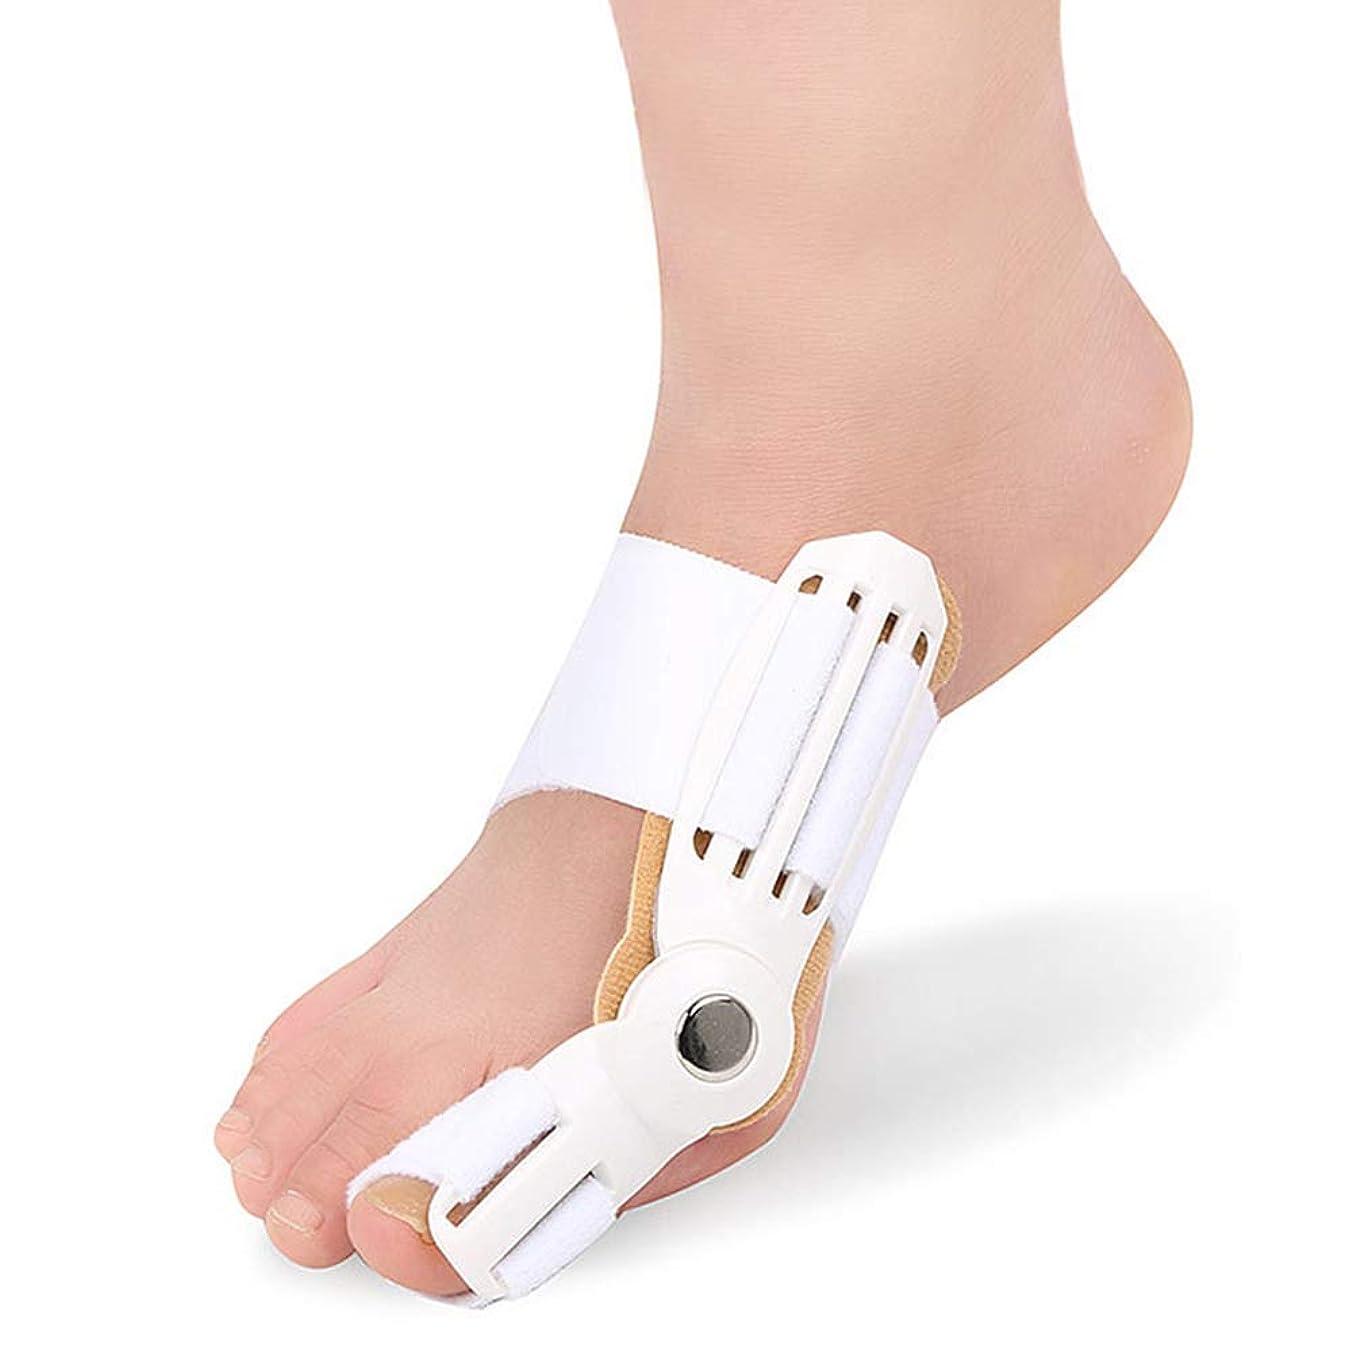 備品反抗可塑性つま先セパレーターは、ヨガのエクササイズ後のつま先重なりの腱板ユニバーサル左右ワンサイズ予防の痛みと変形を防ぎます,白